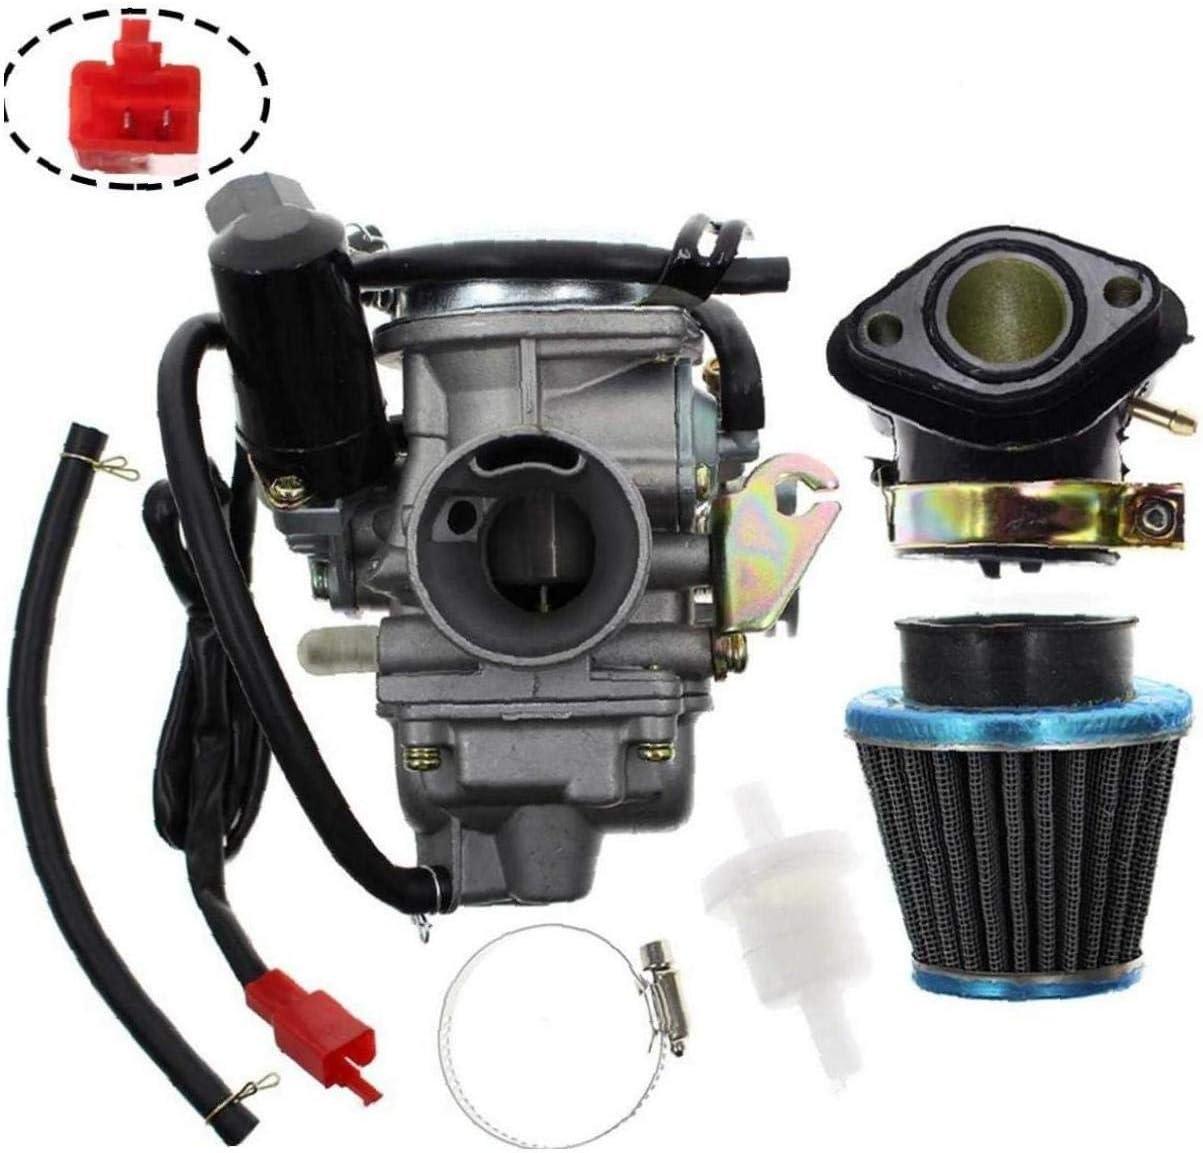 Hainice PD24J Carburateur pour GY6 125cc 150cc Go Kart Scooter 152QMI 157QMJ Carb avec Filtre /à air du collecteur dadmission Pi/èce de Rechange